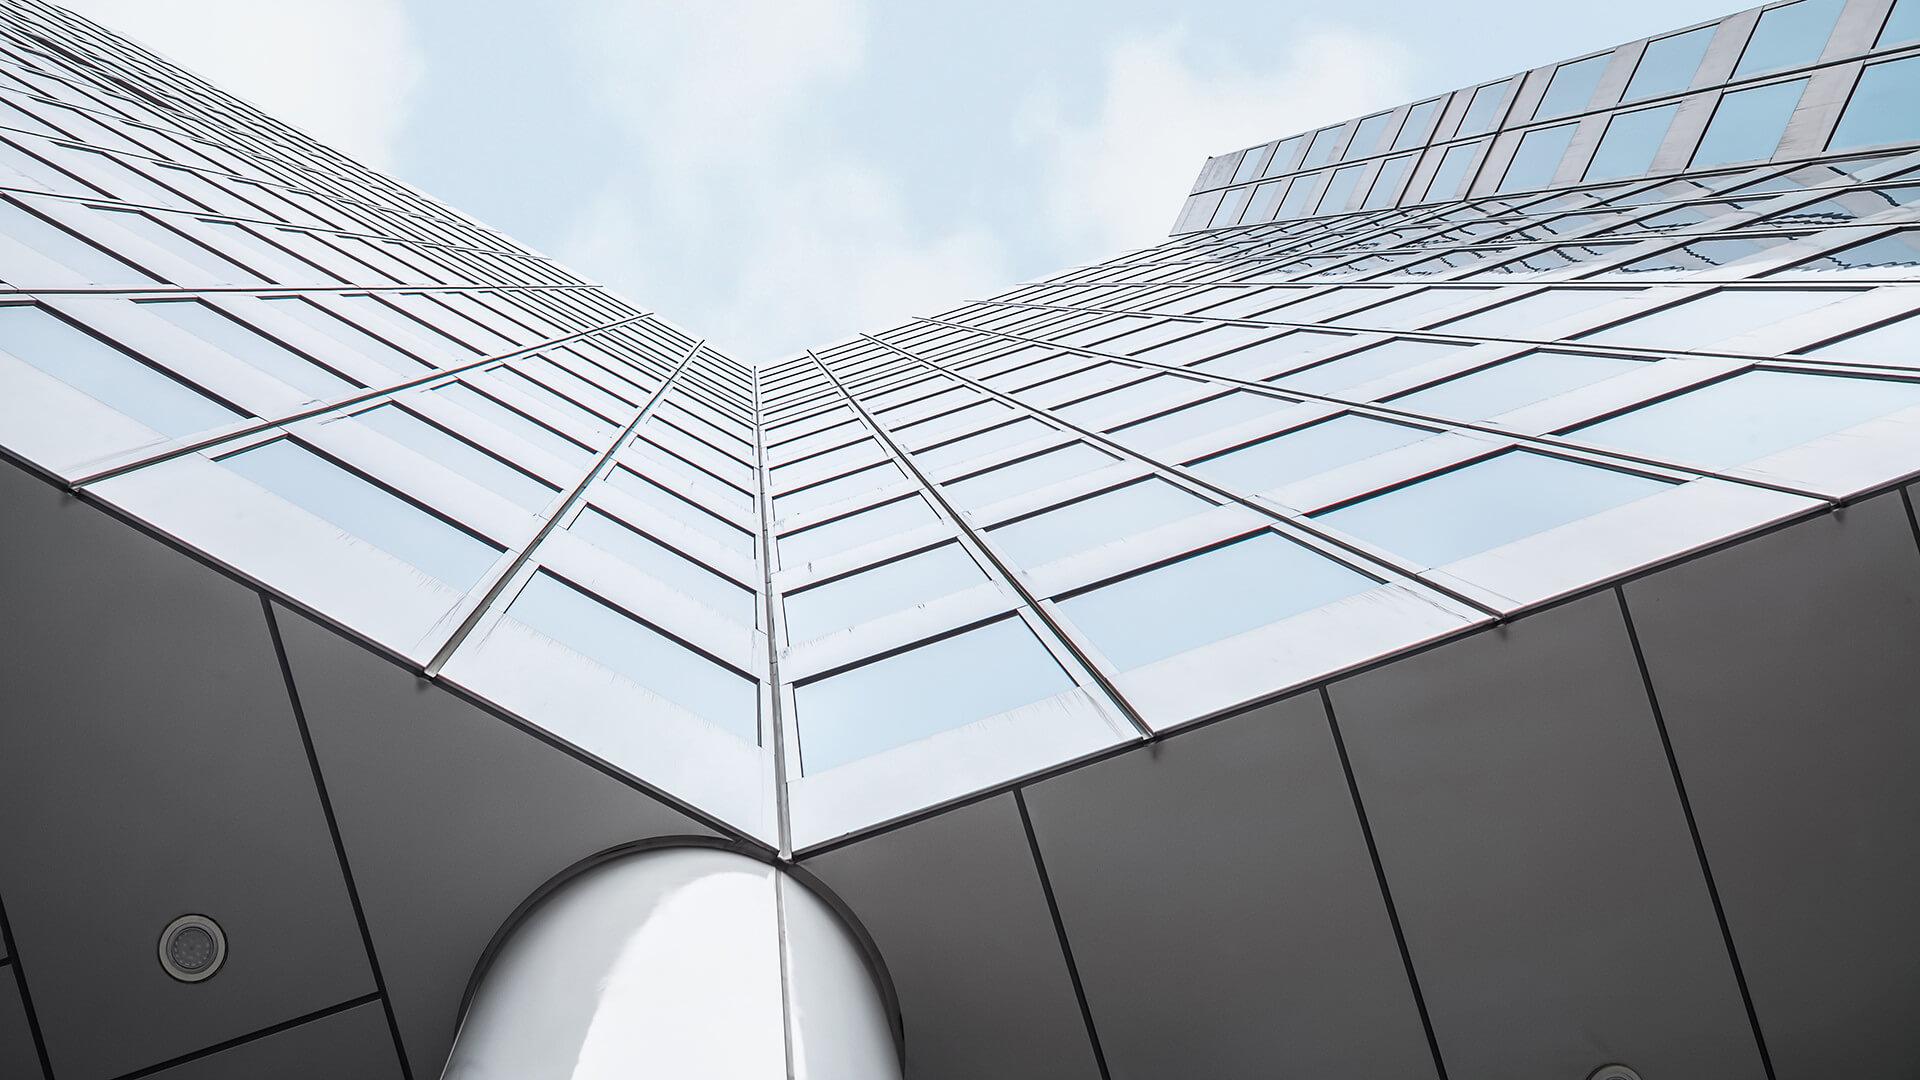 商业玻璃贴图素材